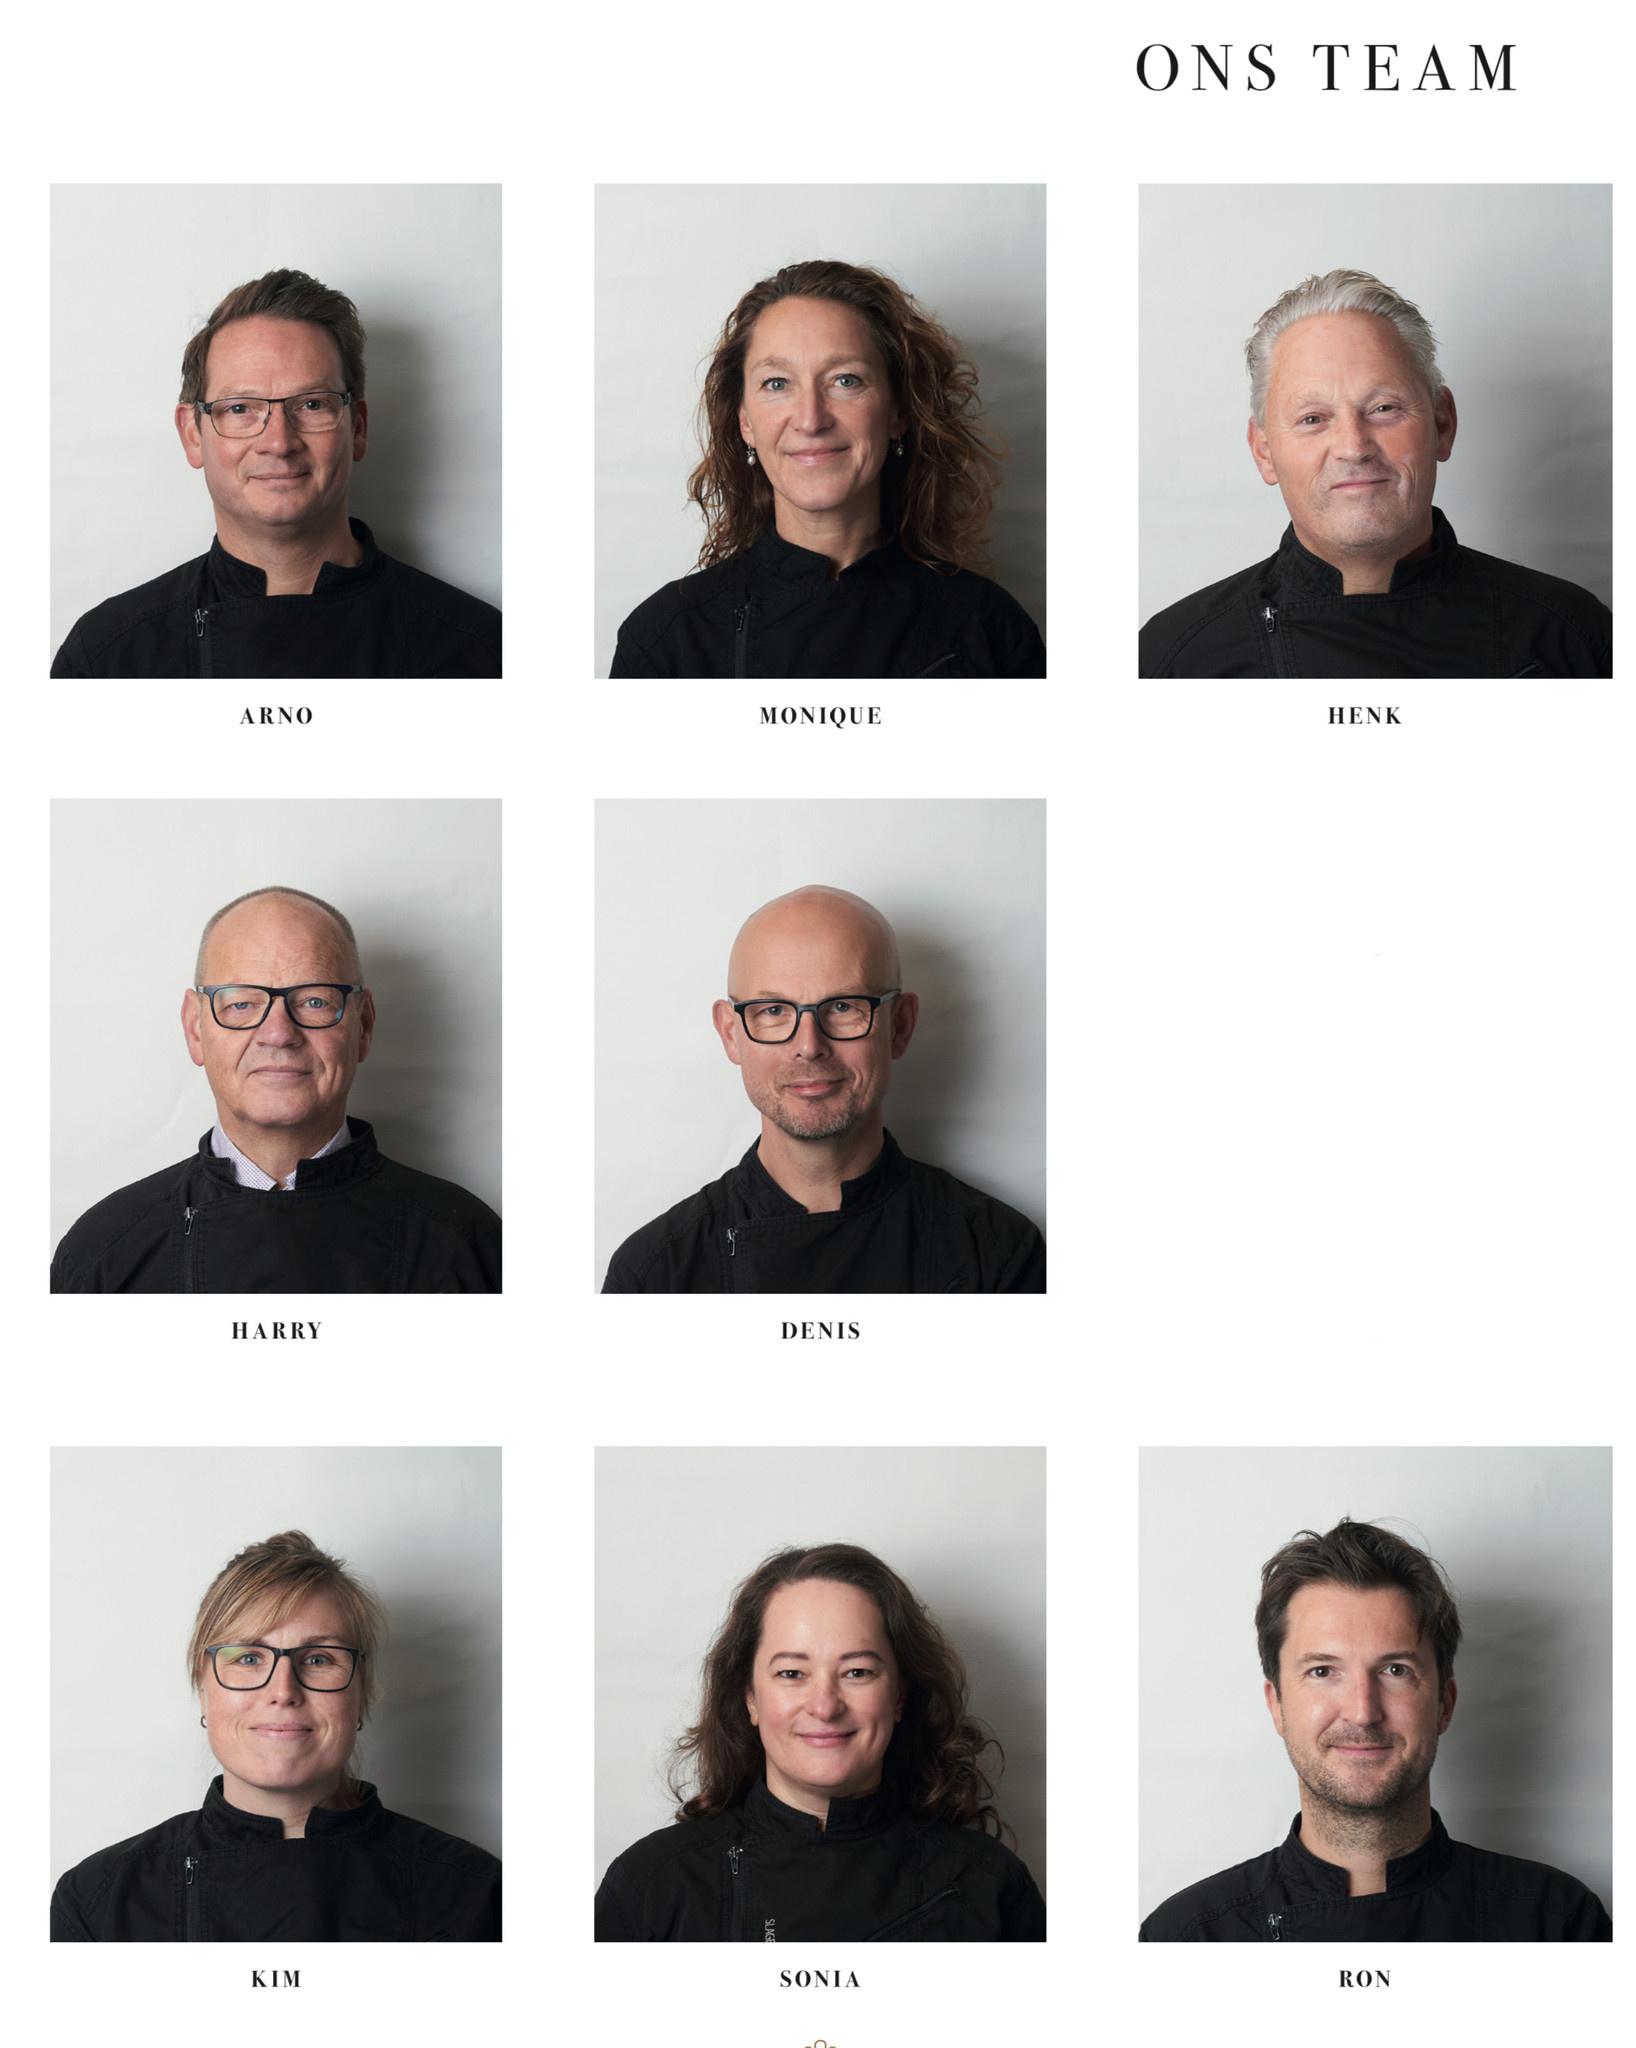 Team Slagerij De Leeuw